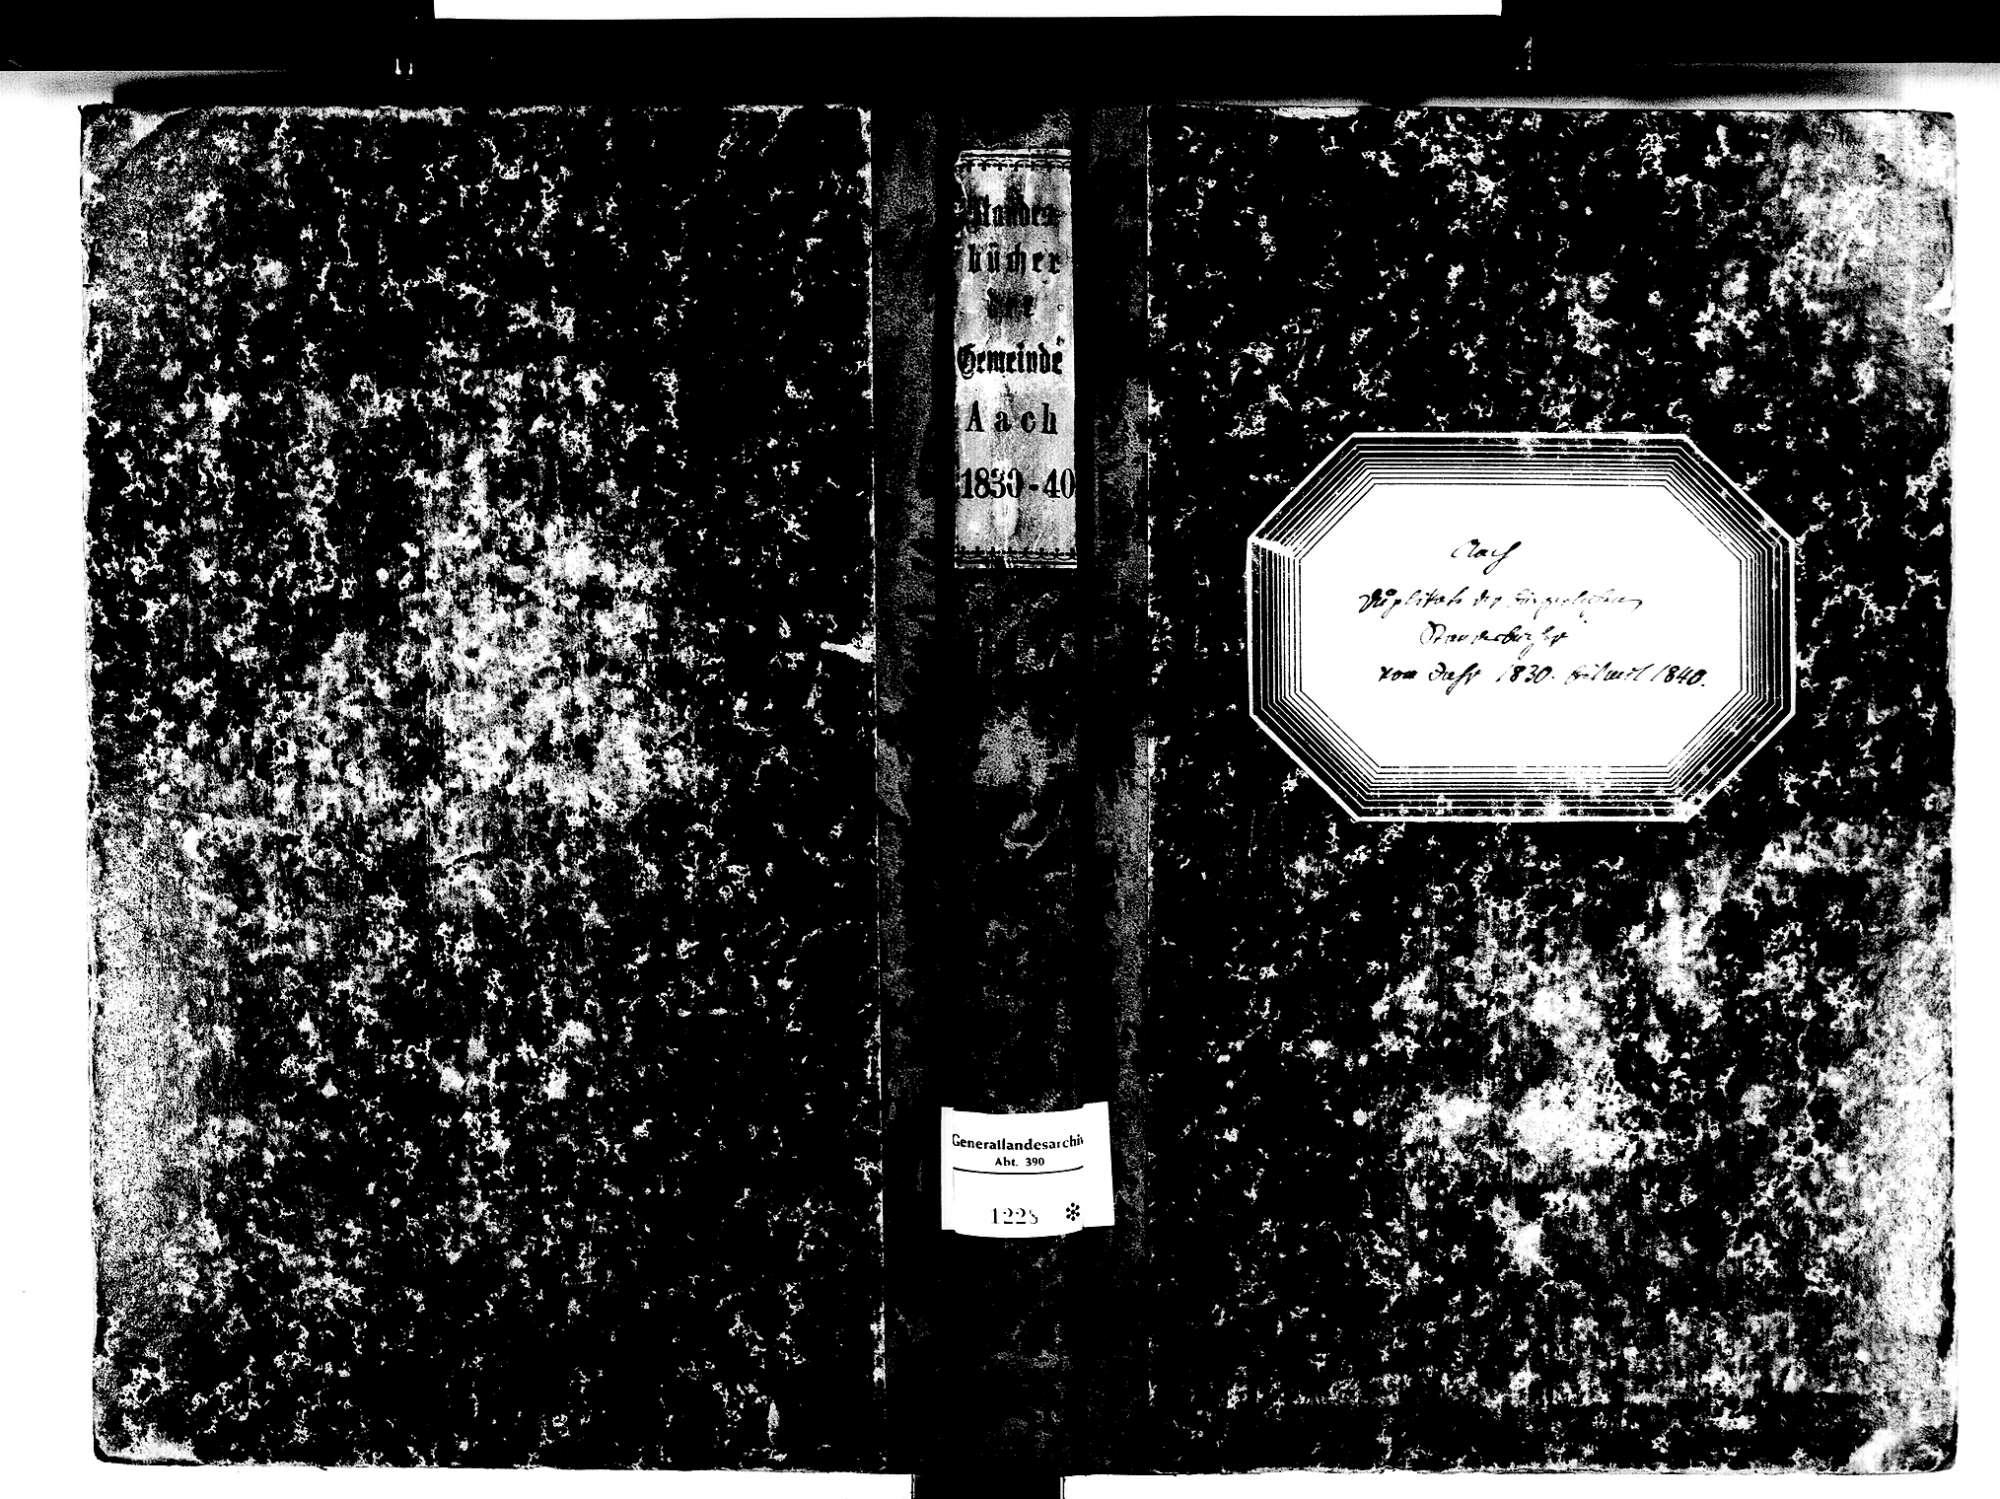 Aach KN; Katholische Gemeinde: Standesbuch 1830-1840, Bild 1